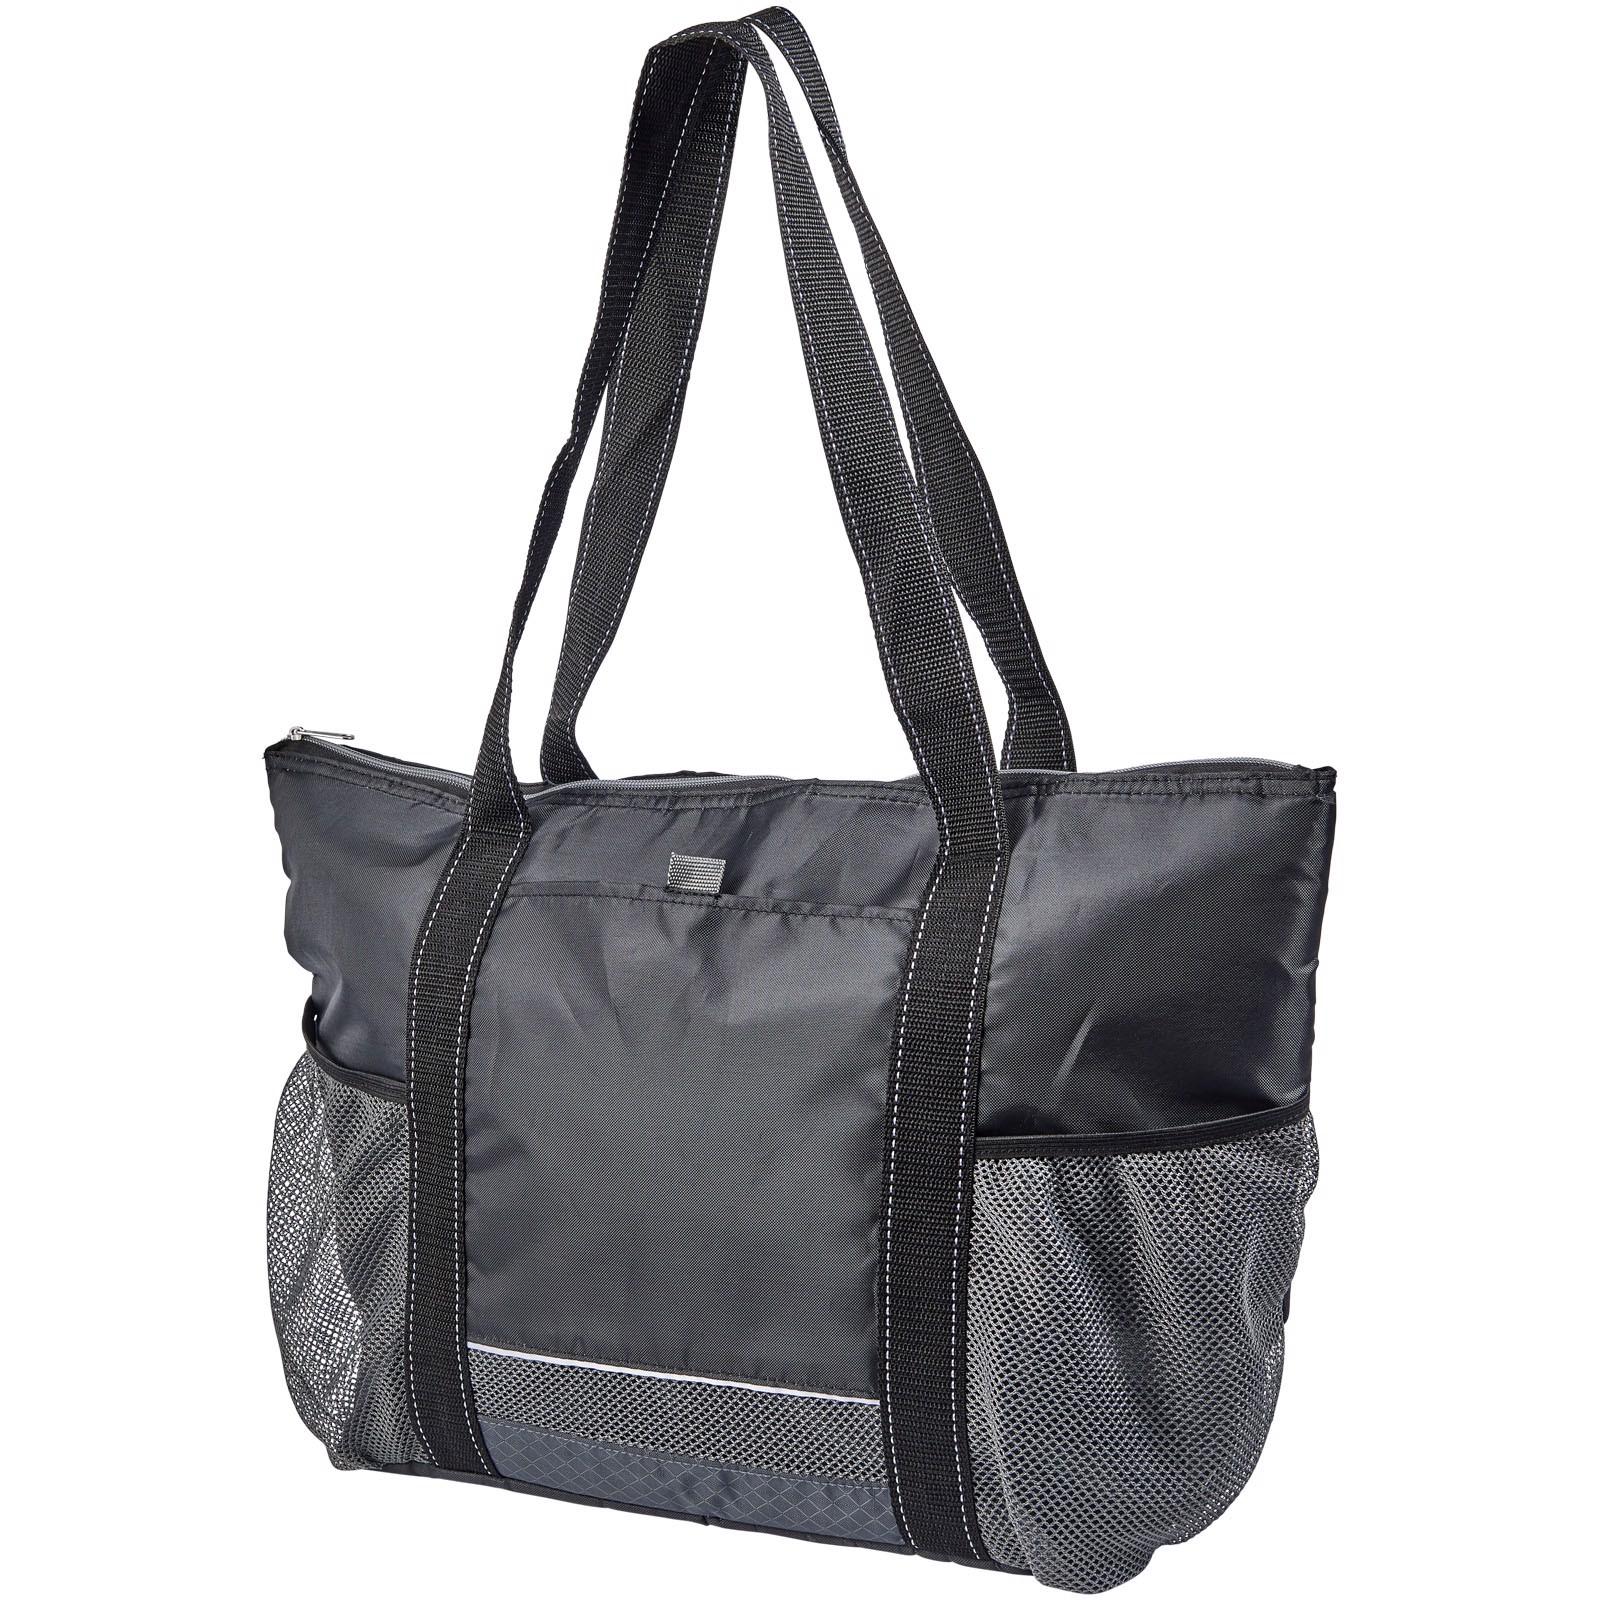 Falkenberg 30-can cooler tote bag - Solid black